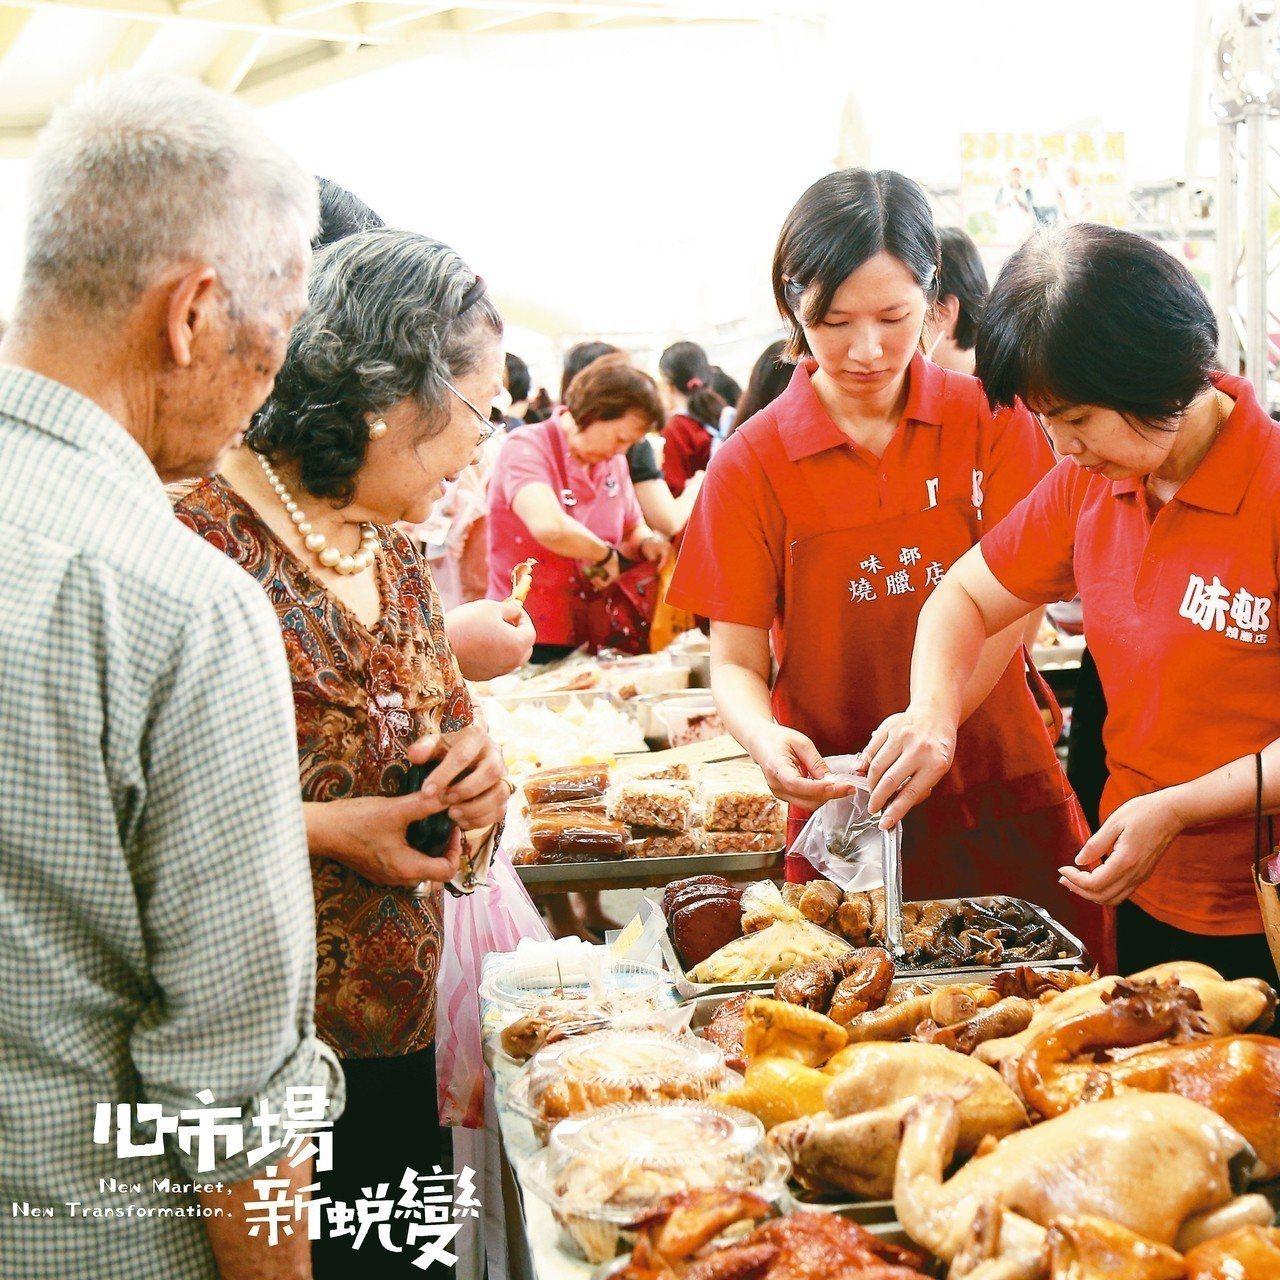 ▲台北傳統市場節集結台北知名及特色攤商,讓民眾一次品嘗各種傳統市場美食。 圖/台...